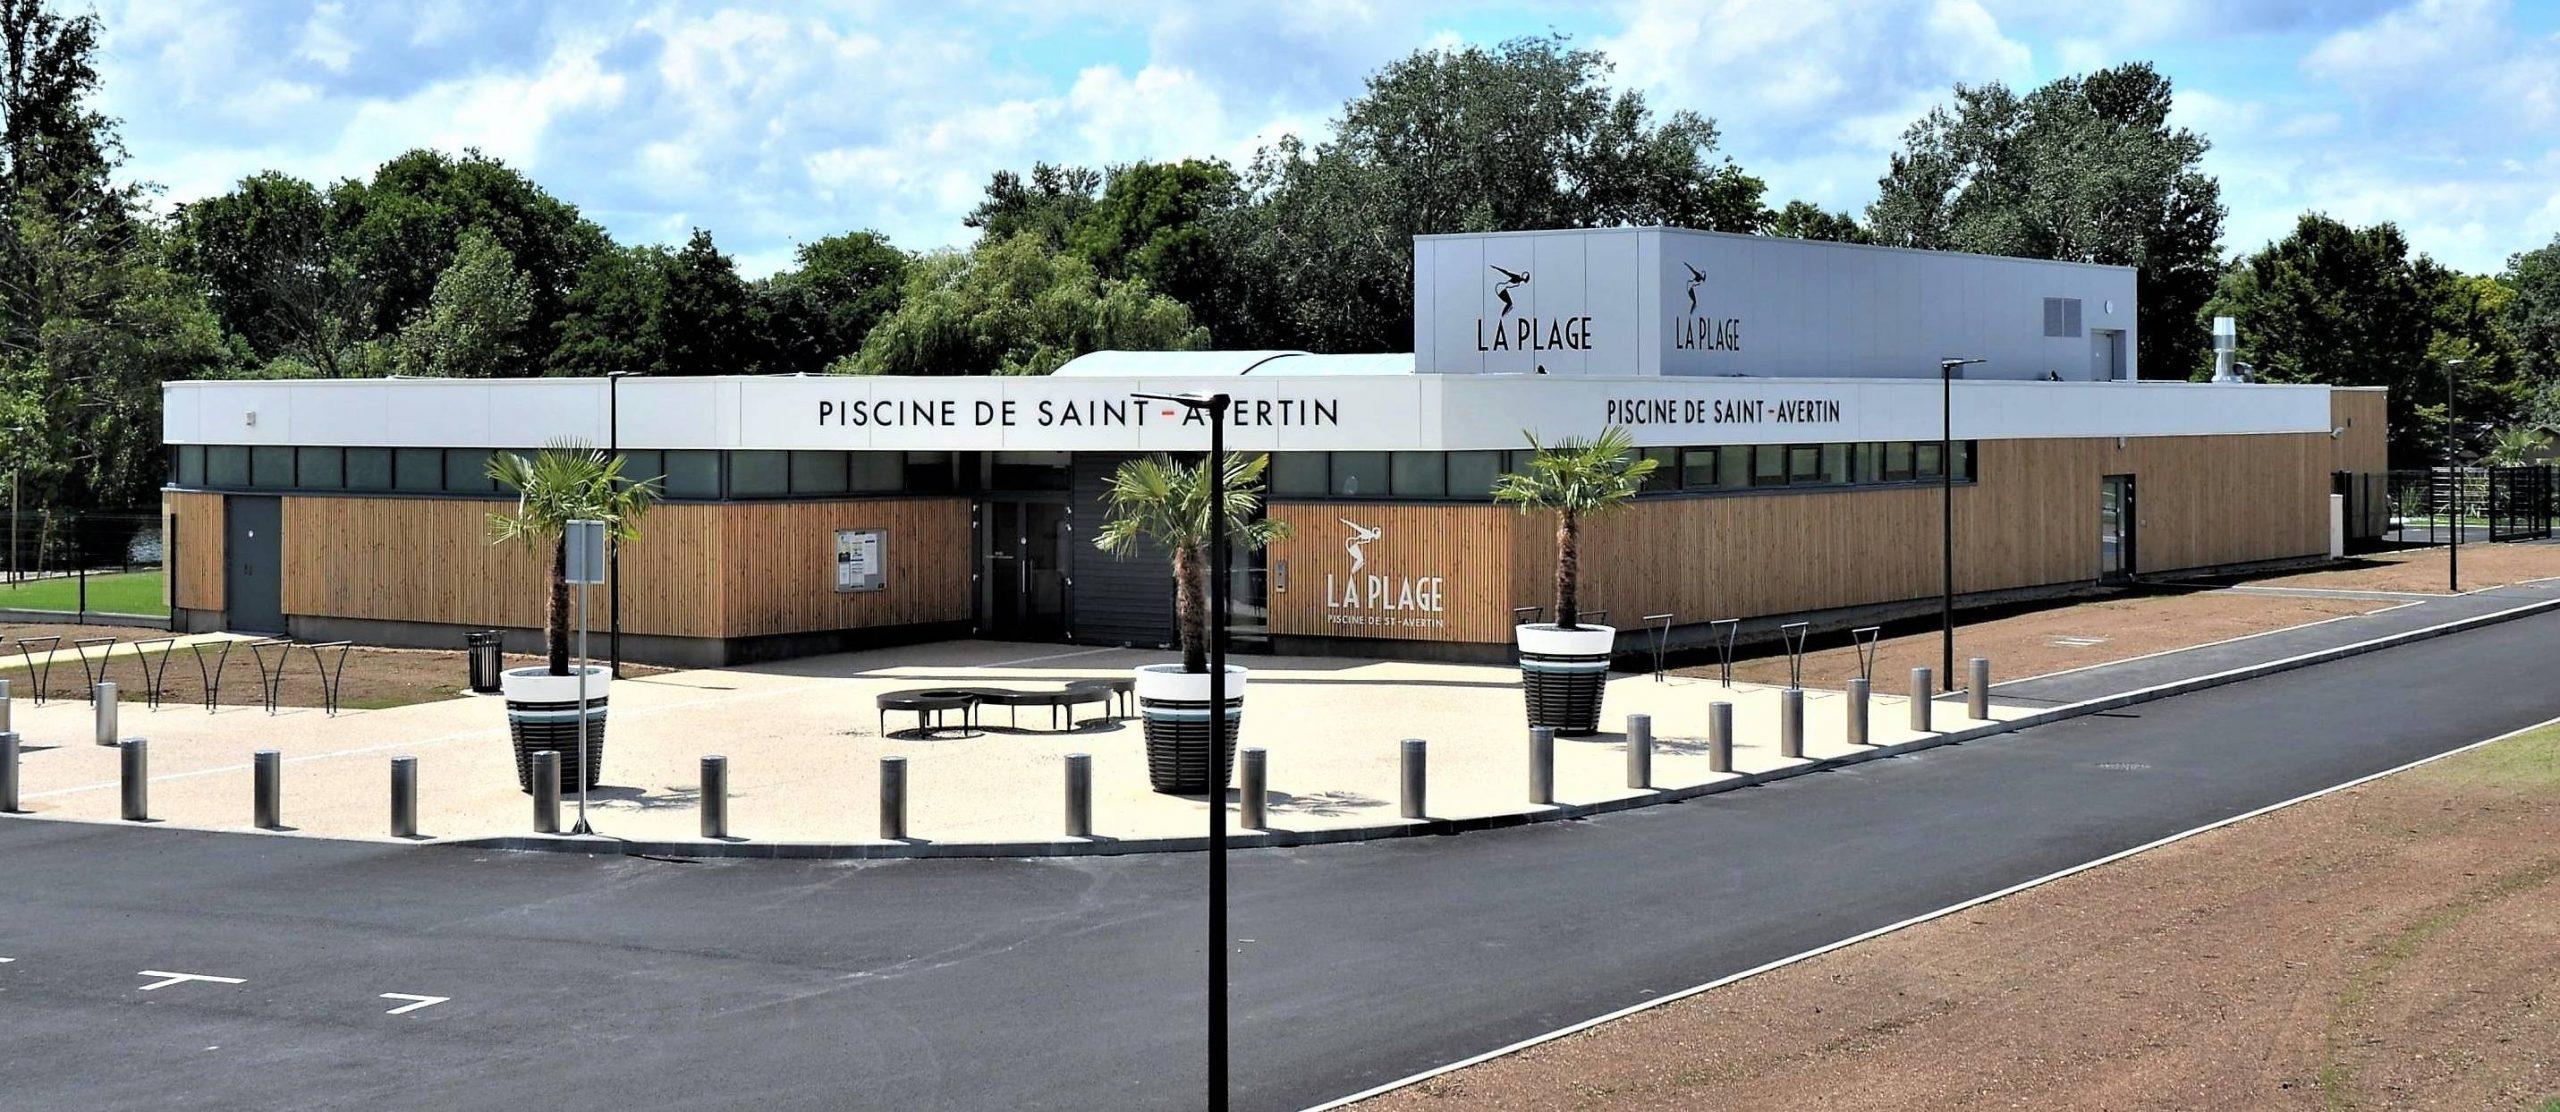 Les Raisons De La Fermeture De La Piscine à Piscine St Avertin